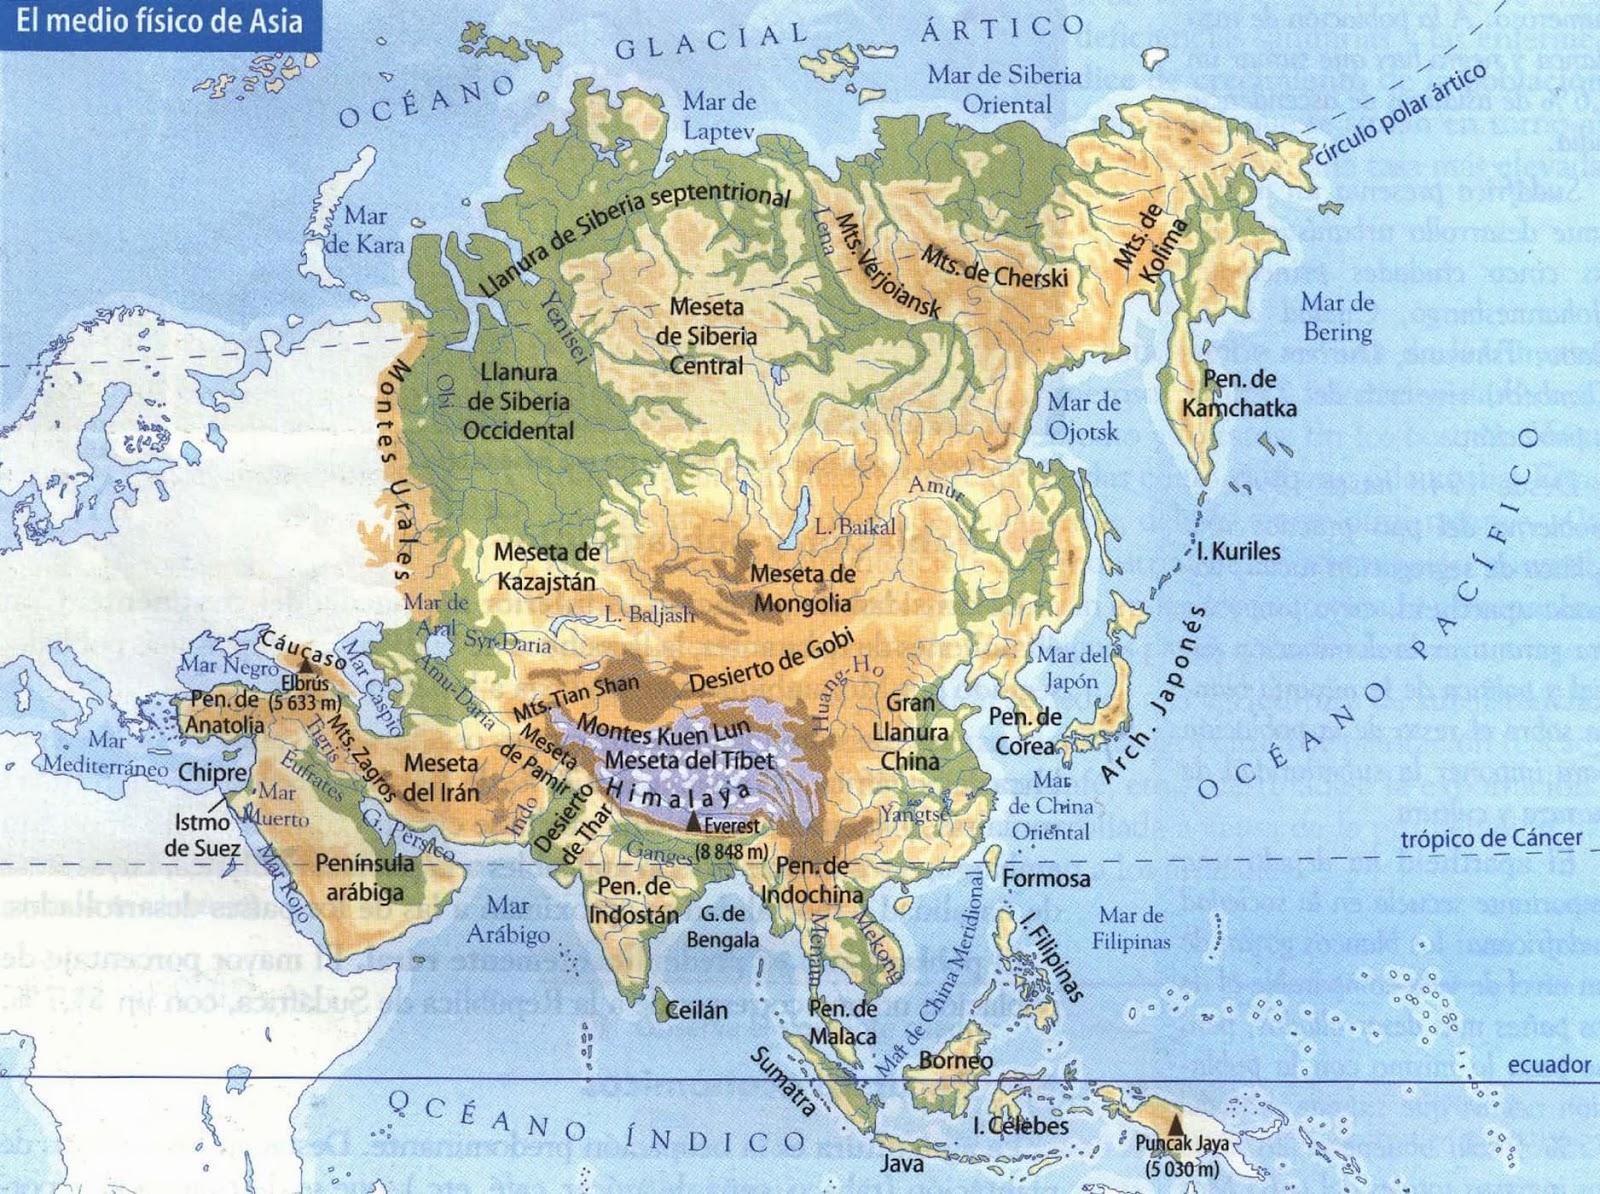 Mapa Fisico De Asia Interactivo.Blog De Sociales 1º Eso Relieve De Asia